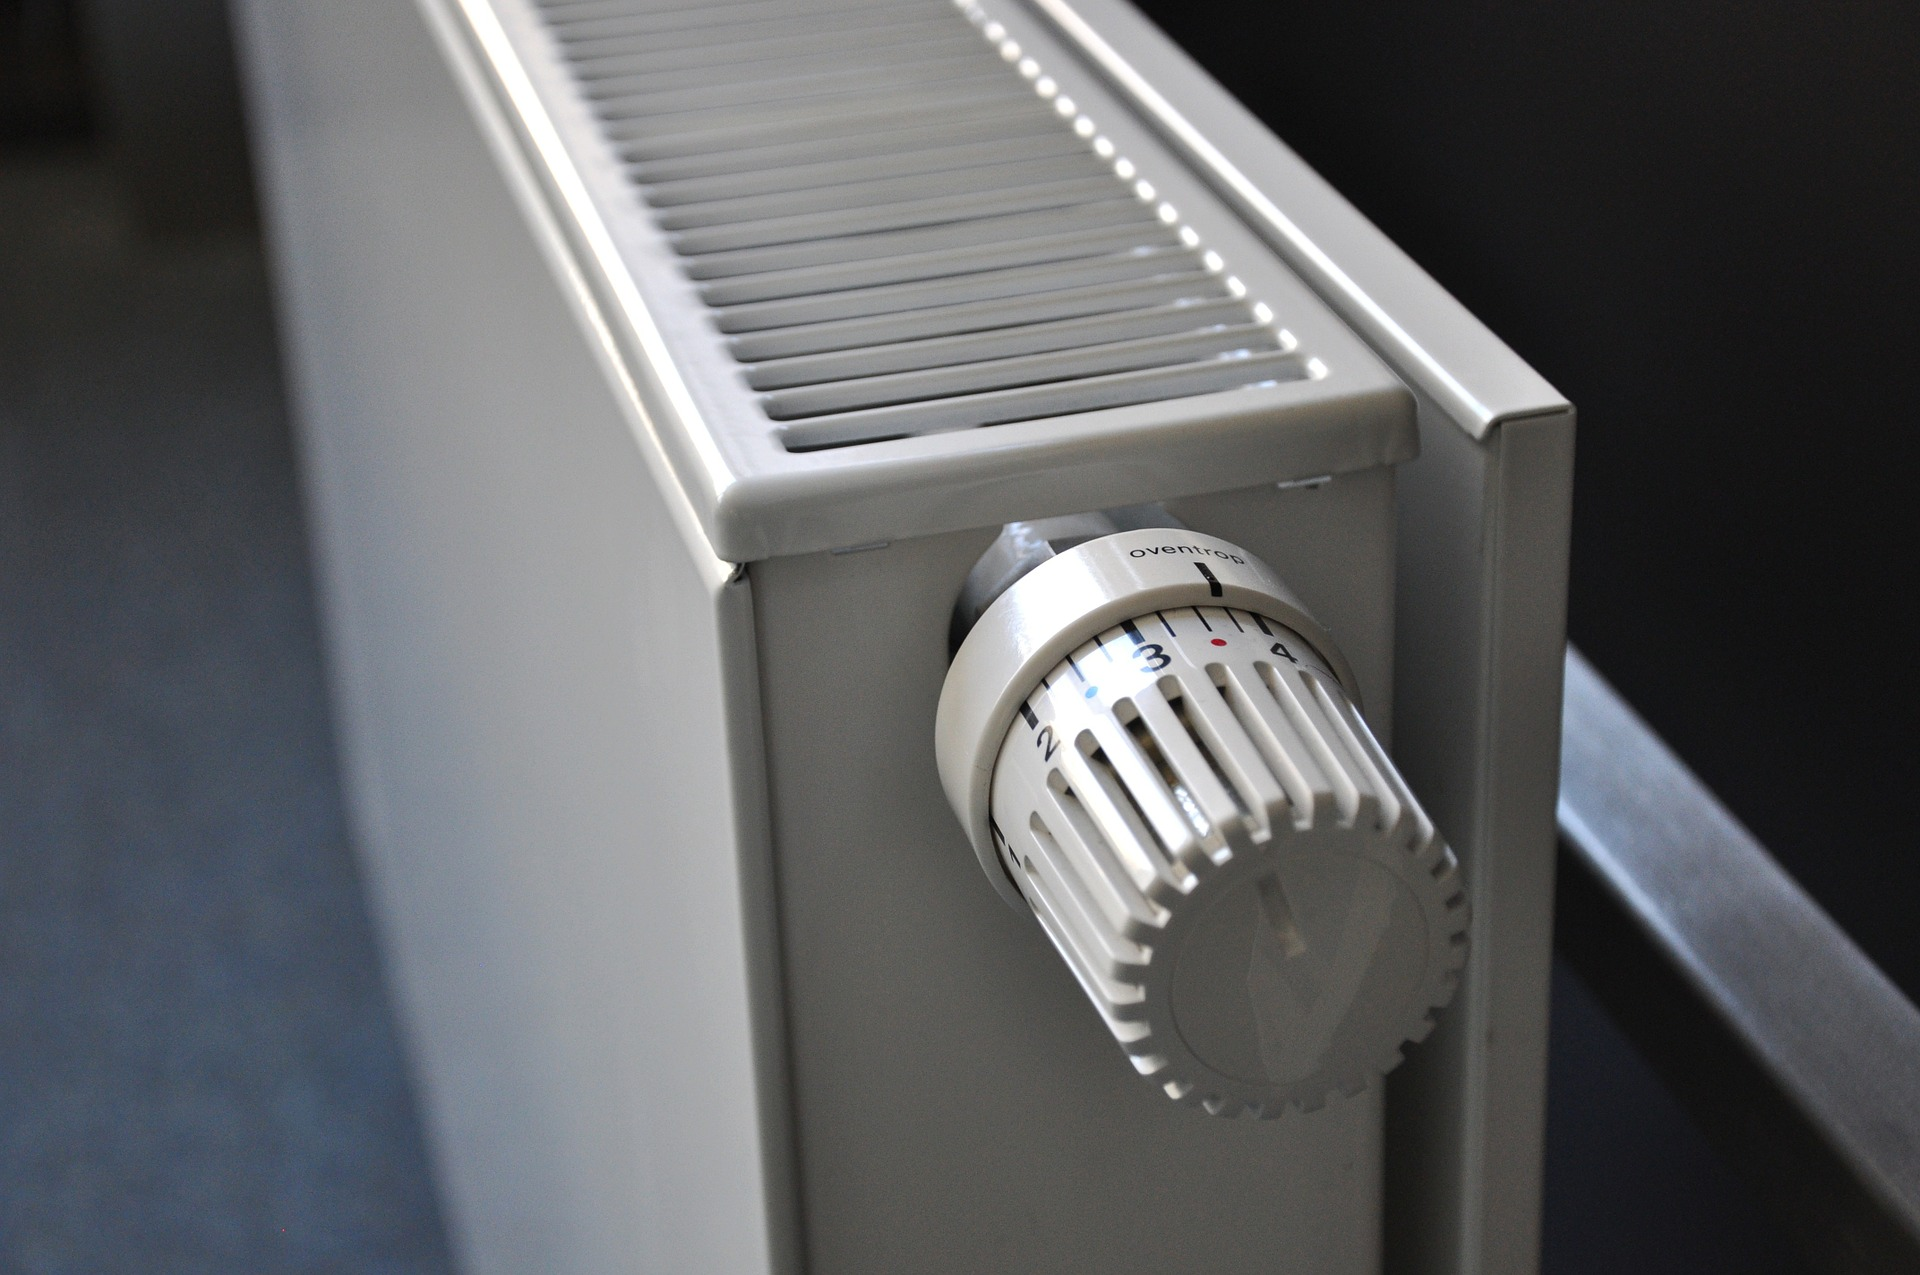 С23 сентября вМоскве начали включать отопление вжилых домах